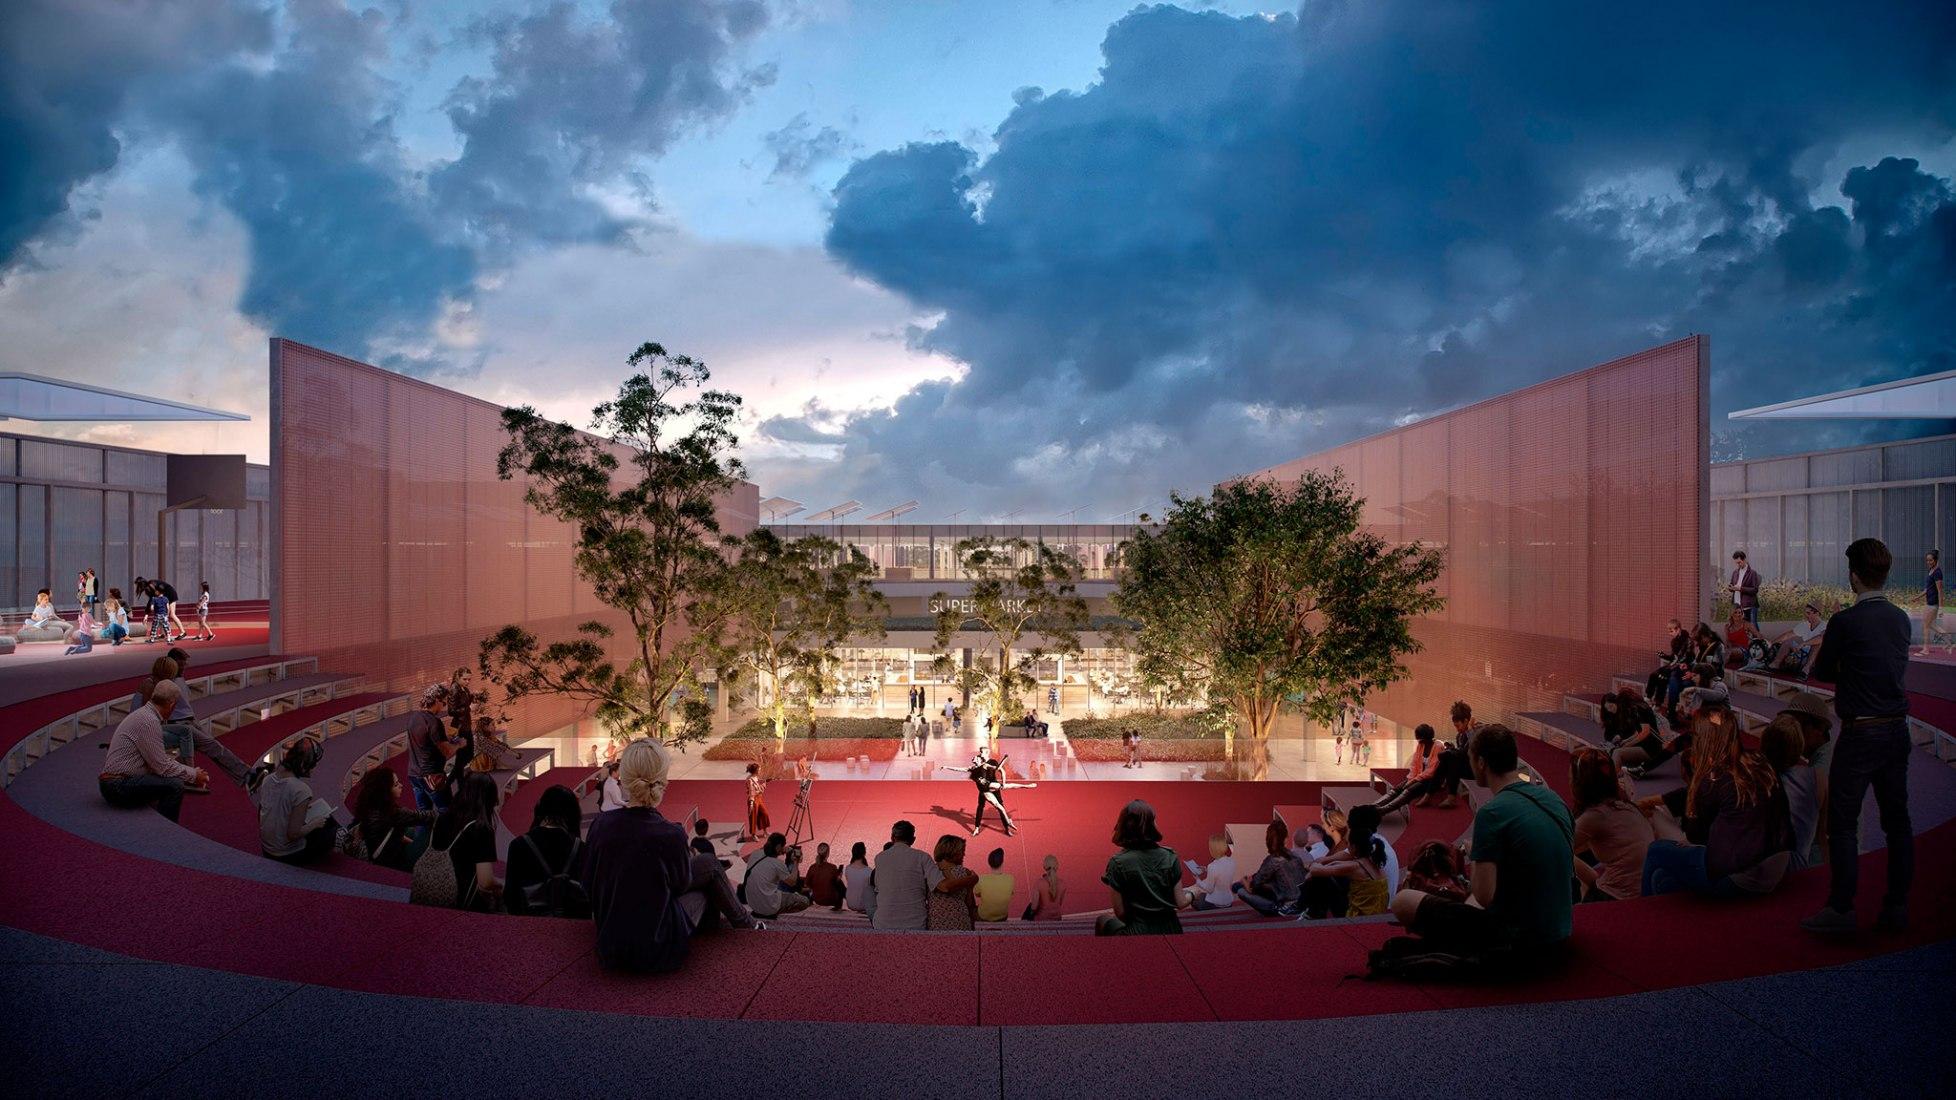 Visualización. Wollert Neighborhood Center en Australia por OMA. Imagen cortesía de OMA